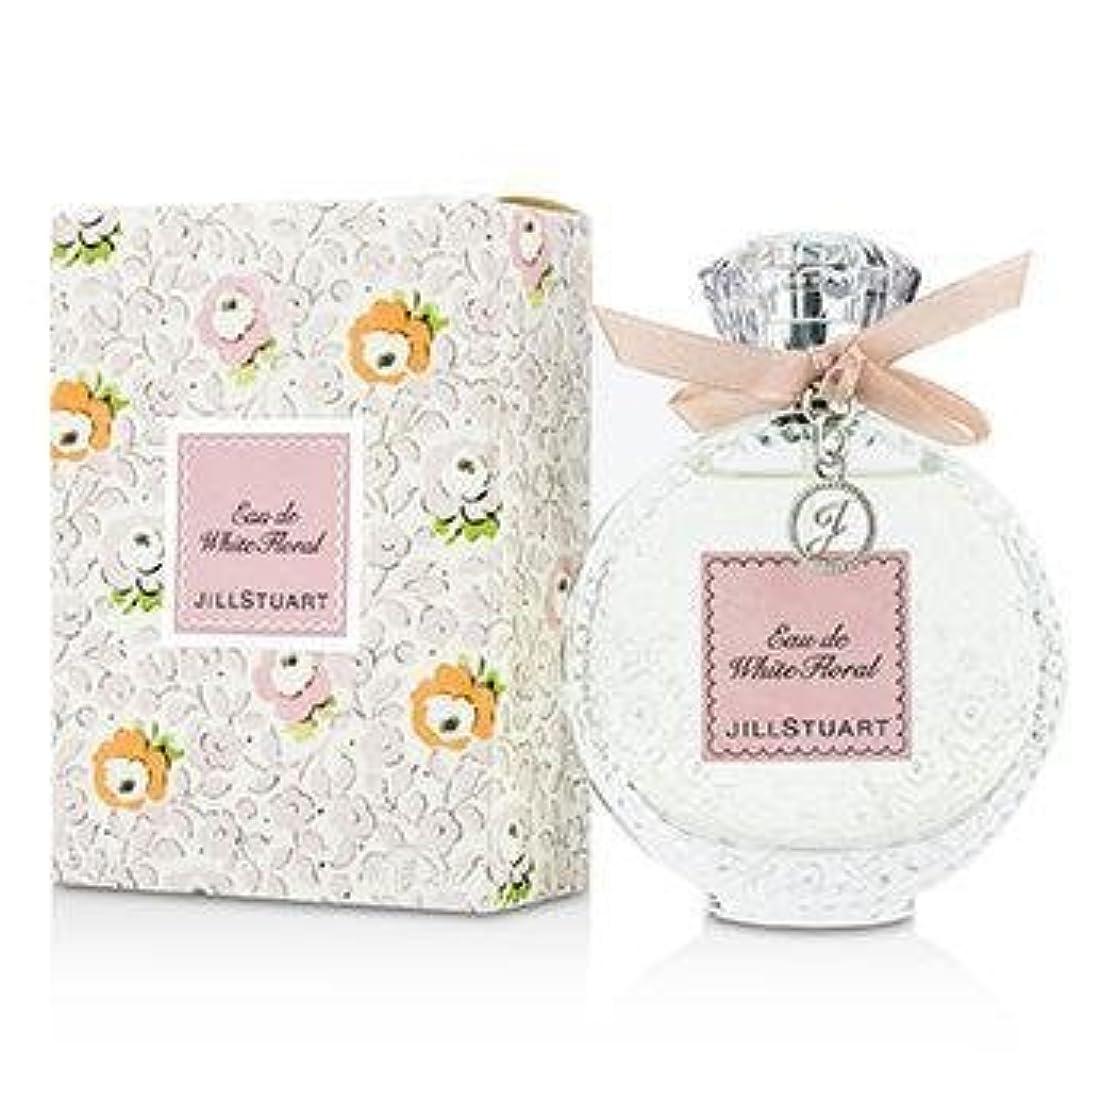 【ジルスチュアート 香水】リラックス オード ホワイトフローラル 50ml